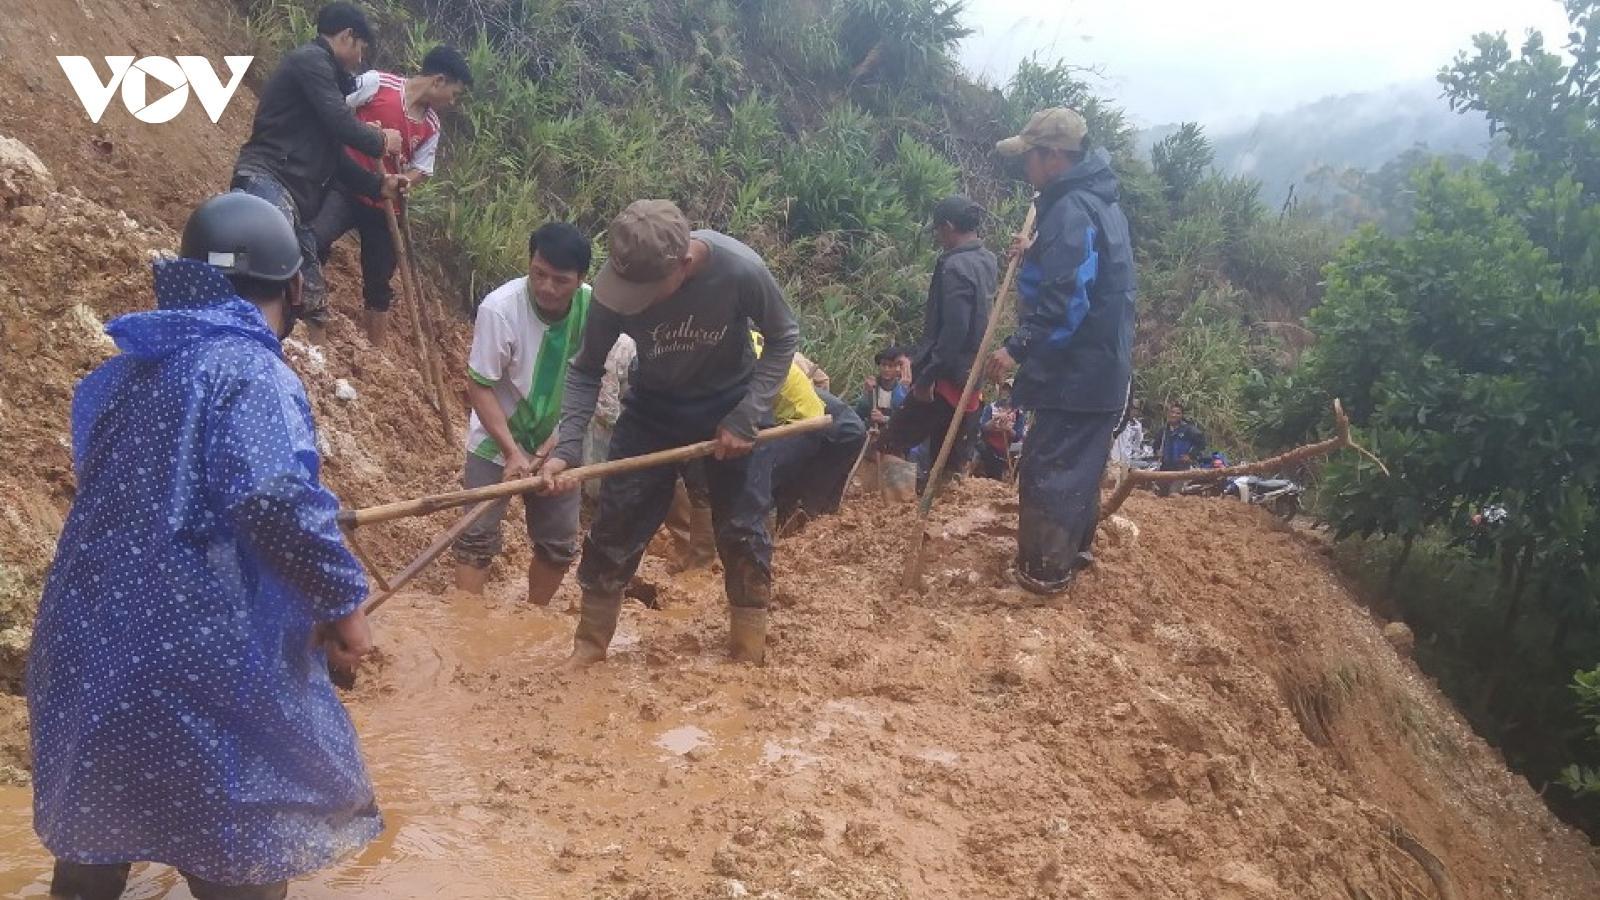 Quảng Nam khắc phục hậu quả mưa lũ trong điều kiện dịch Covid-19 diễn biến phức tạp